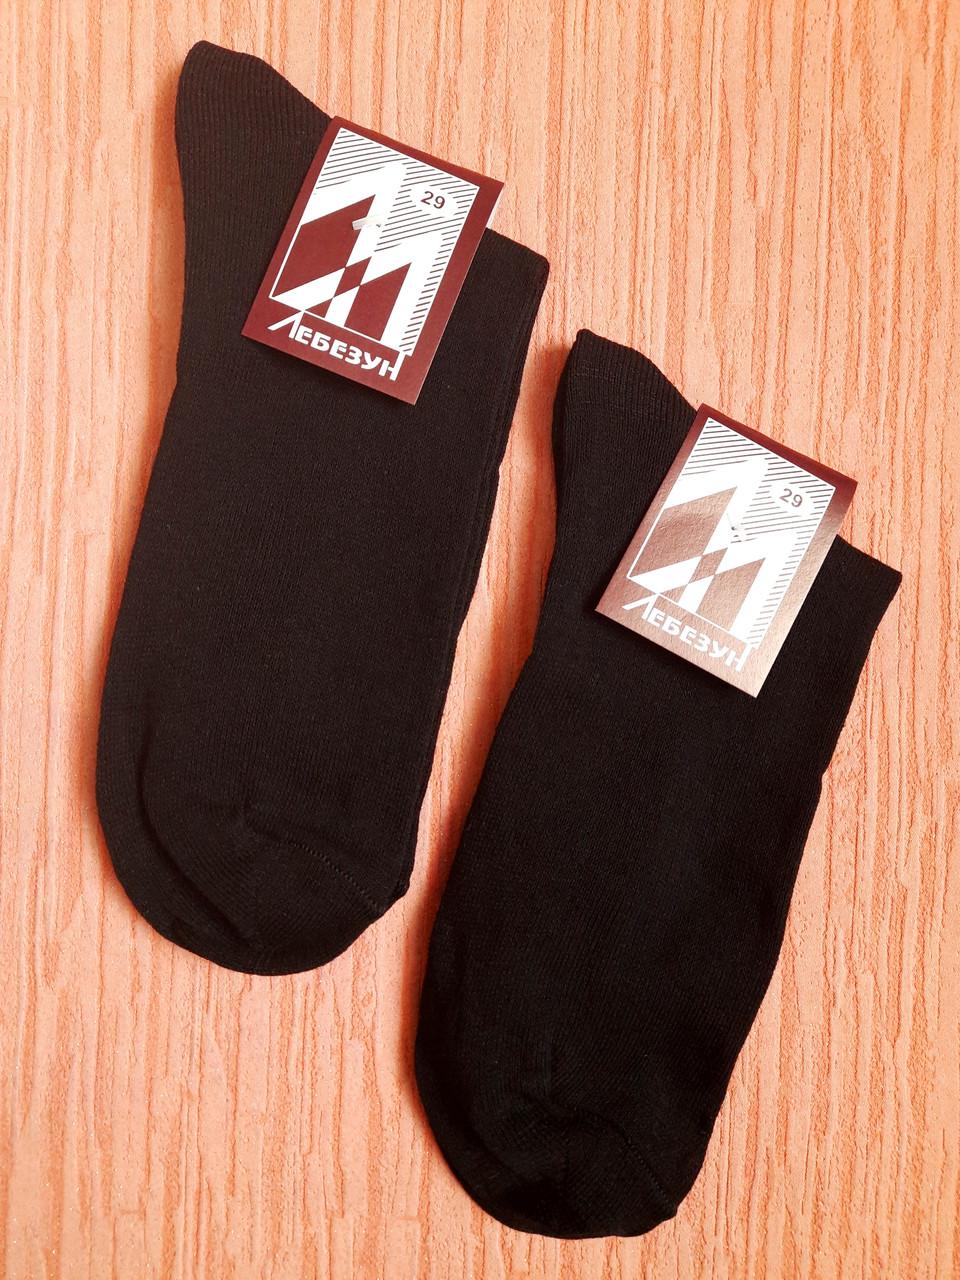 Носки мужские чёрные хлопок размер 29.От 10 пар по 5грн.